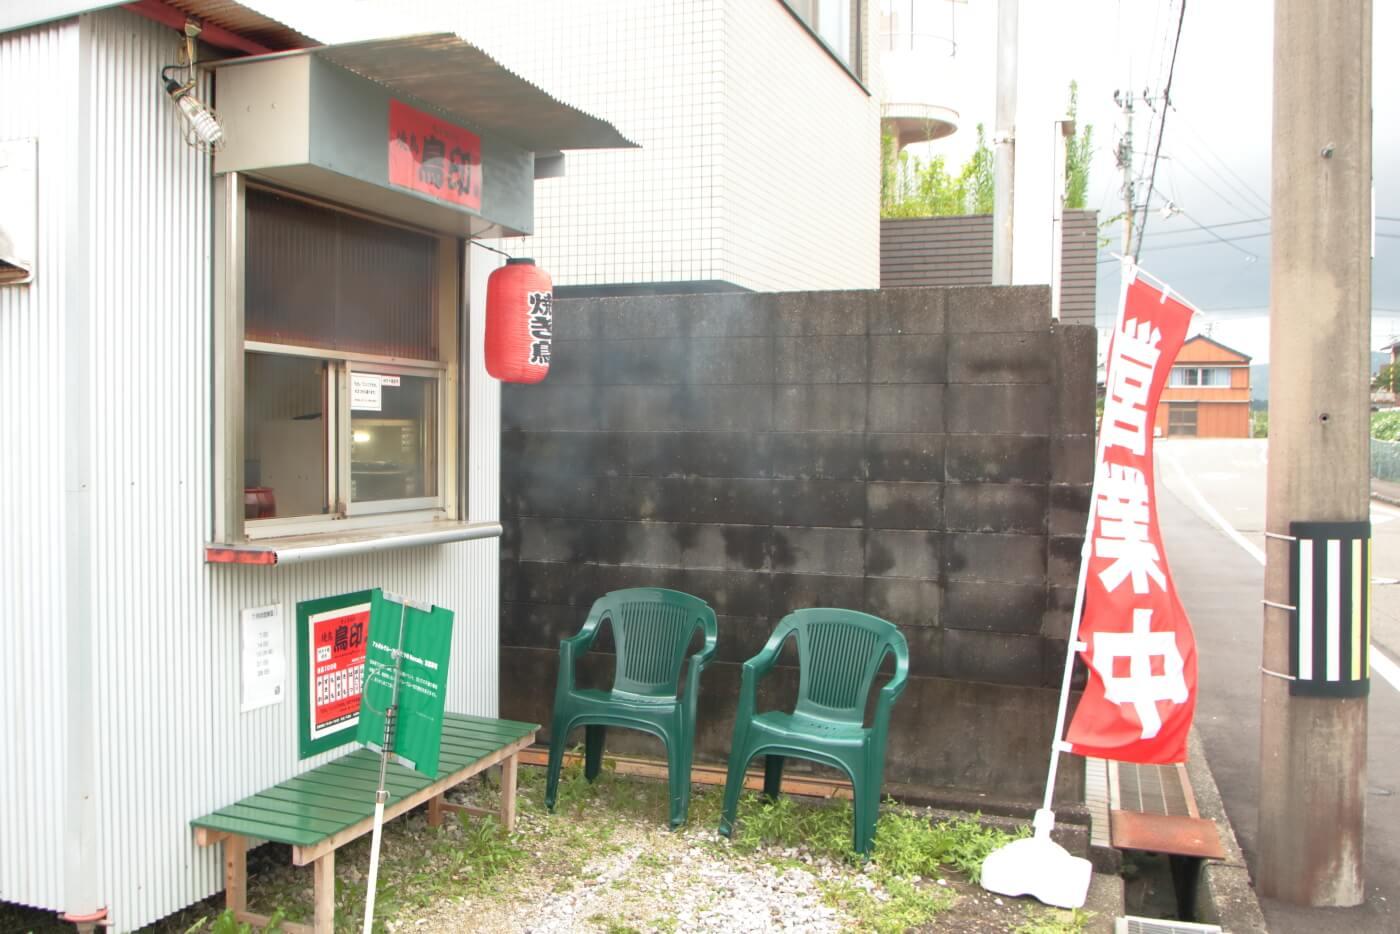 高知 いの町の焼鳥店 鳥印(ちょういん)の外観